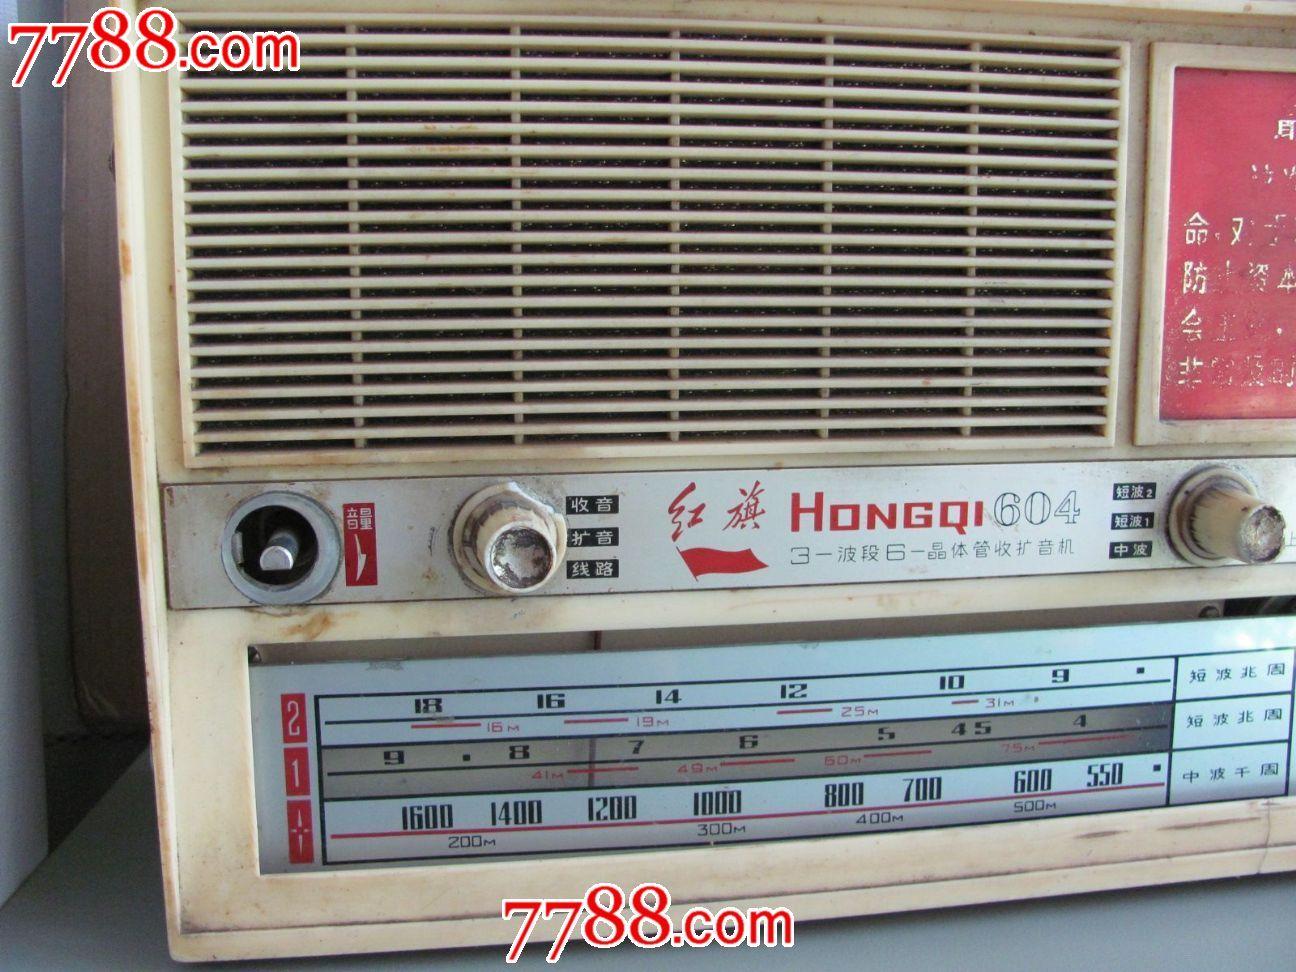 红旗604最高指示语录晶体管收音机